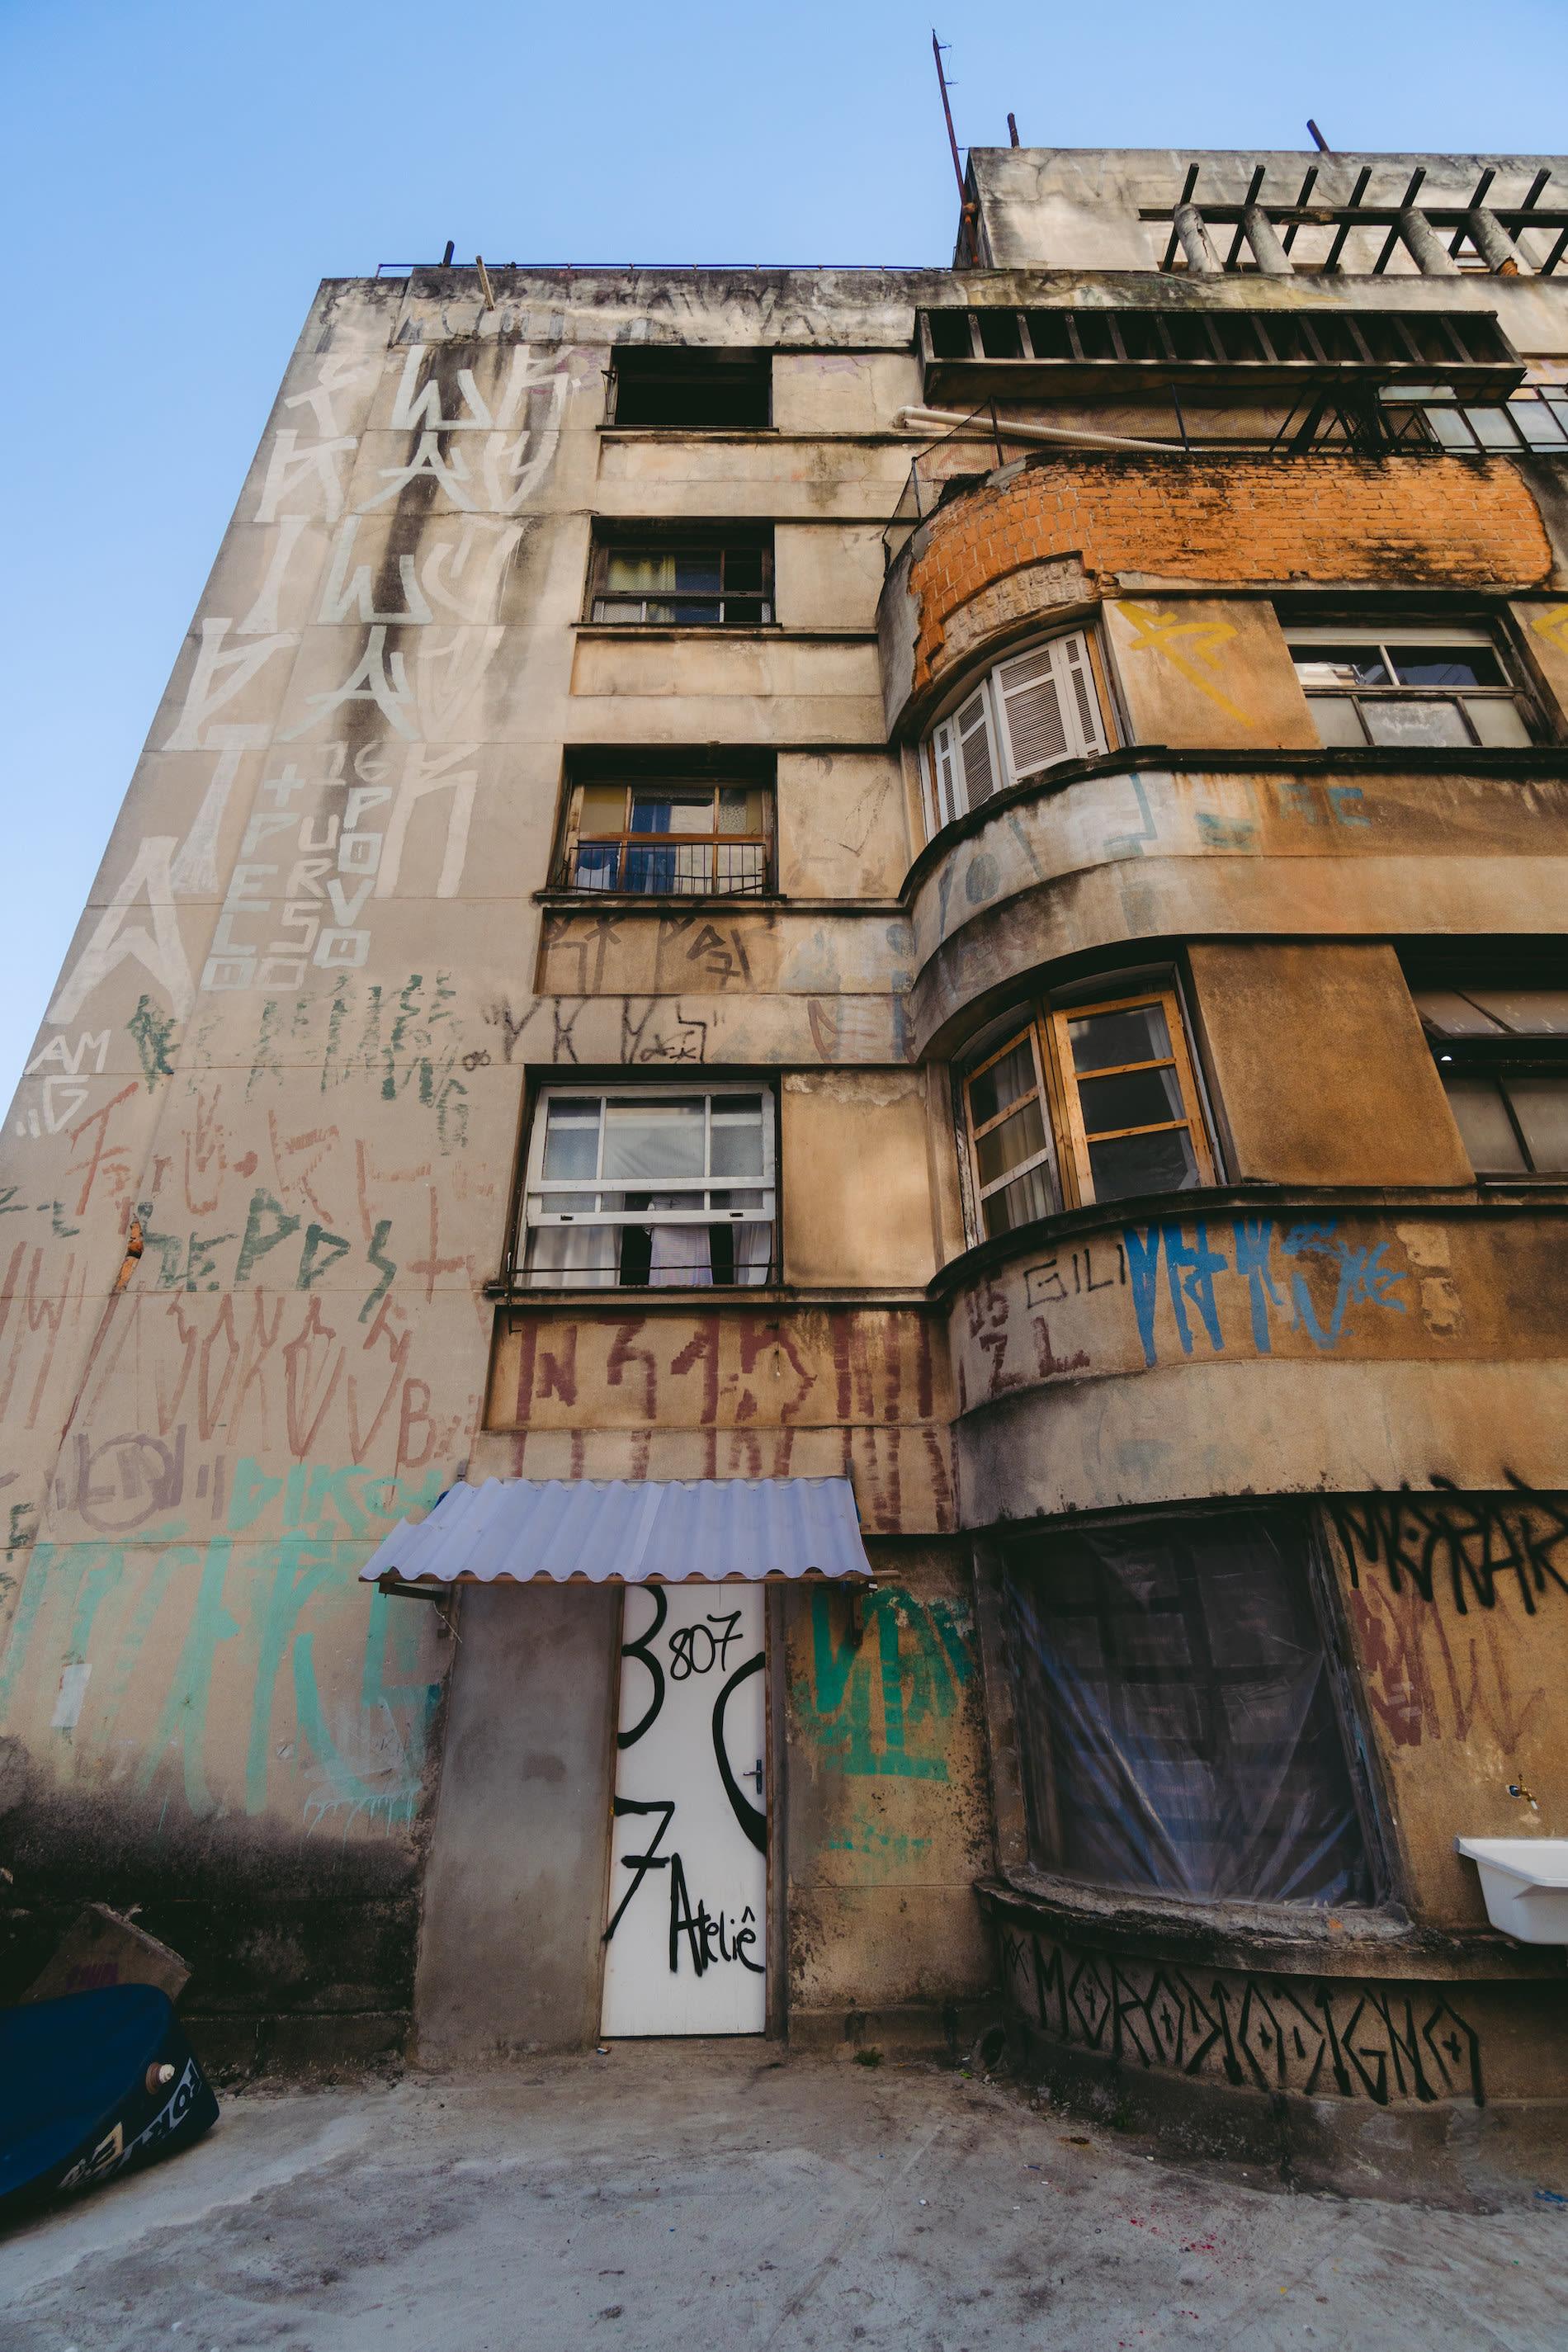 Visão externa da Ocupação 9 de Julho em um andar alto, prédio cheio de pixações contra céu azul.